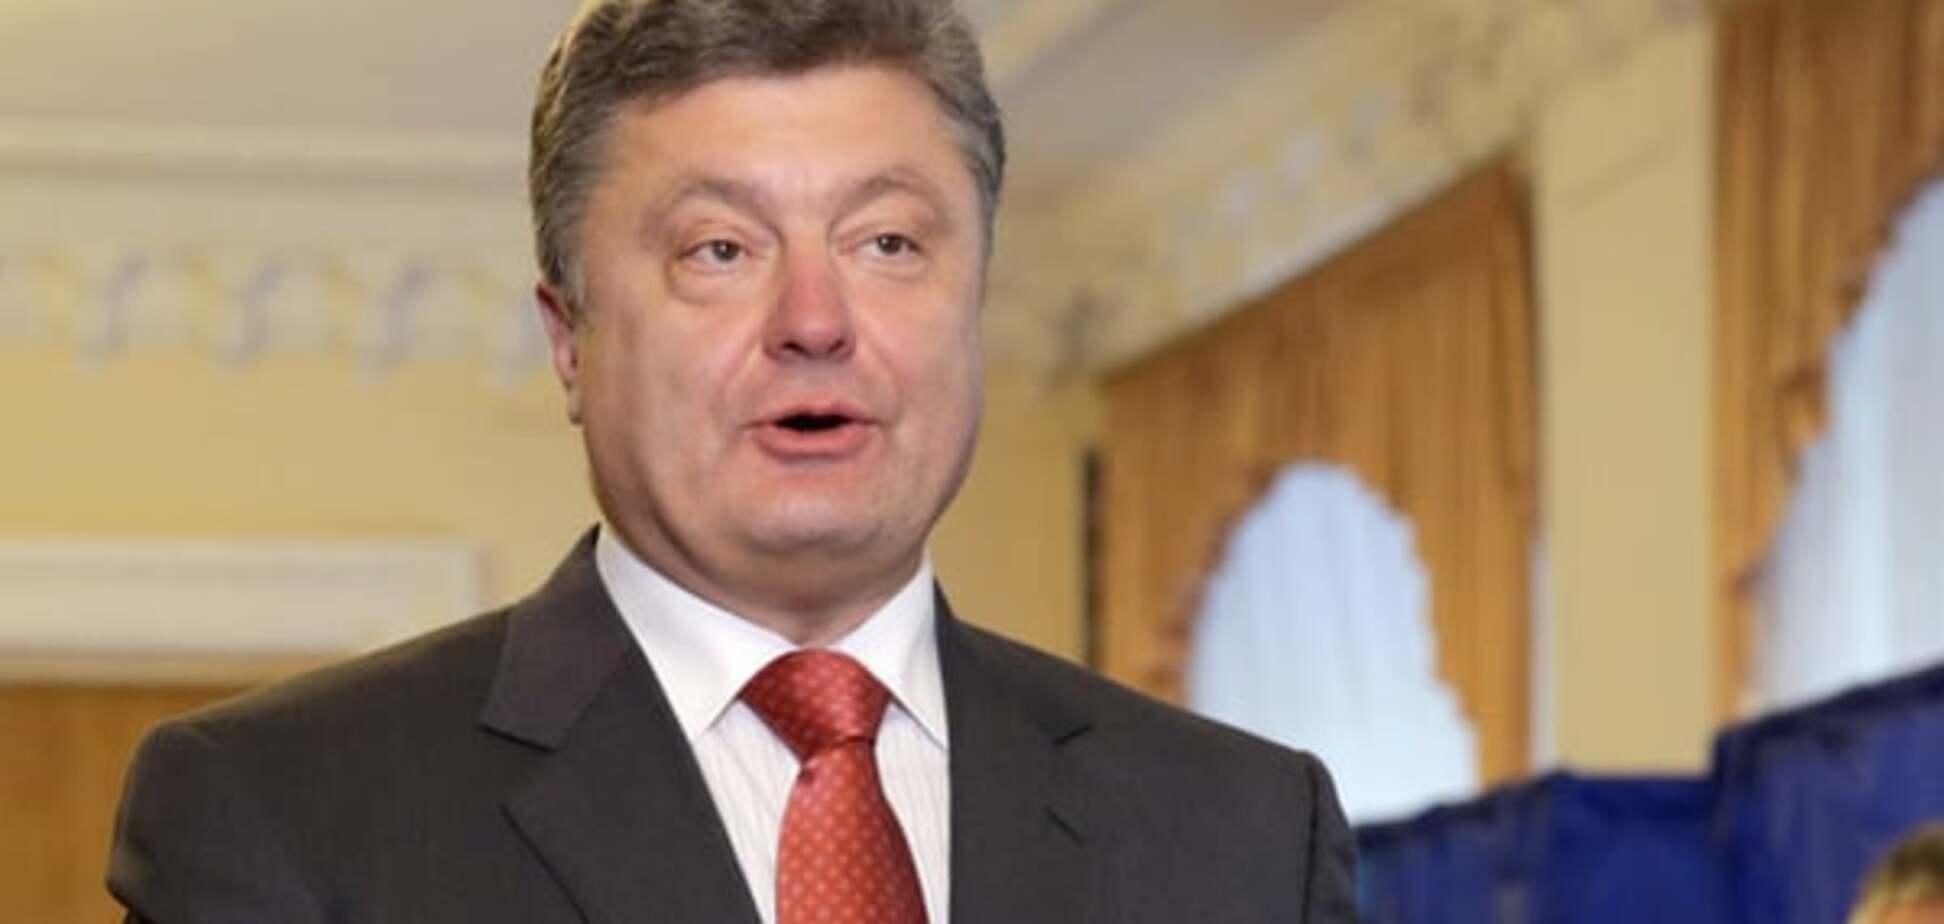 Кума Порошенко рассказала, как Президент отпразднует 50-летие и какие подарки он любит